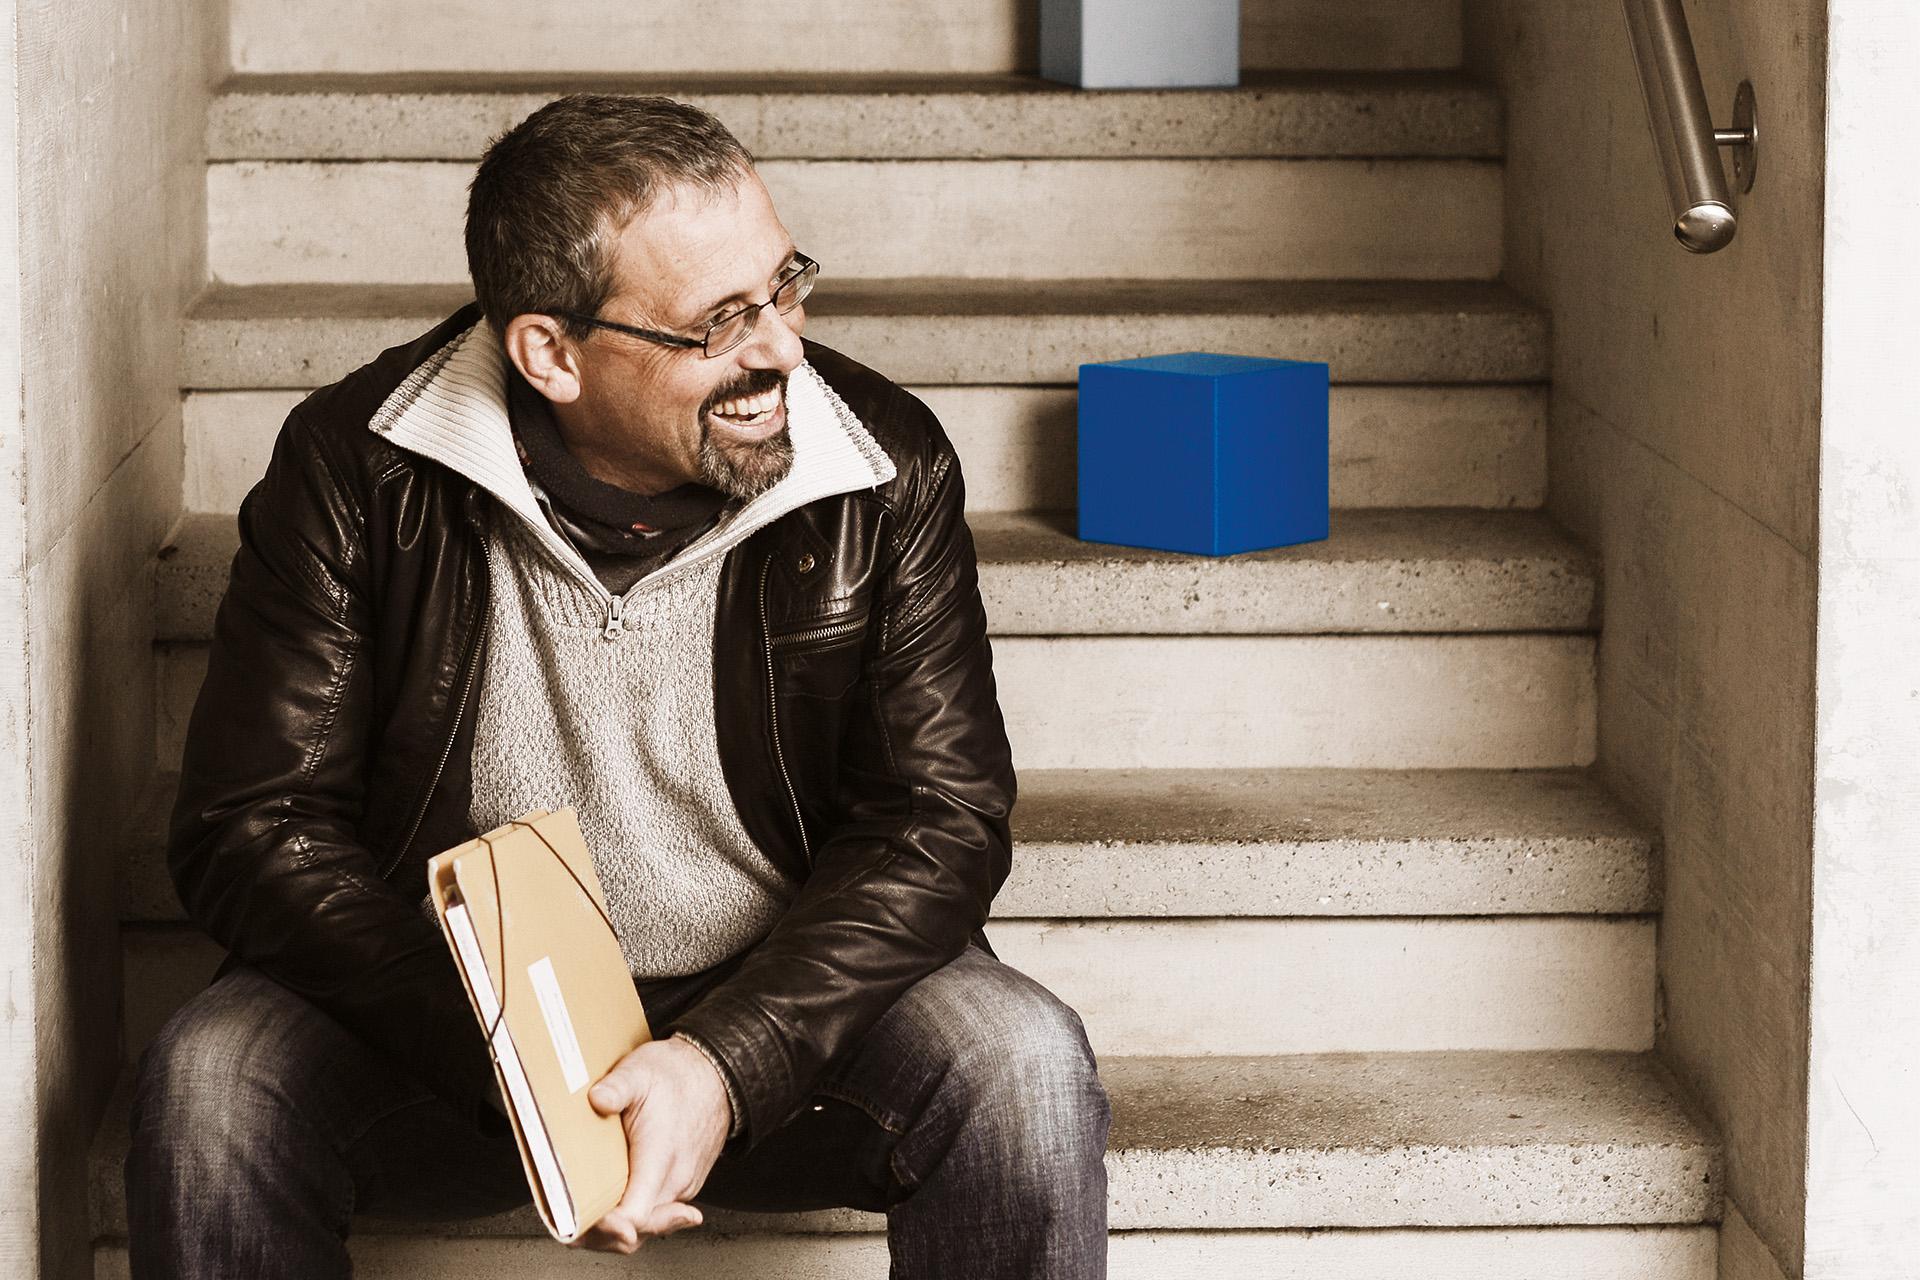 Ein Student der FHS St.Gallen sitzt auf einer Treppe. Er hält eine Mappe in den Händen.